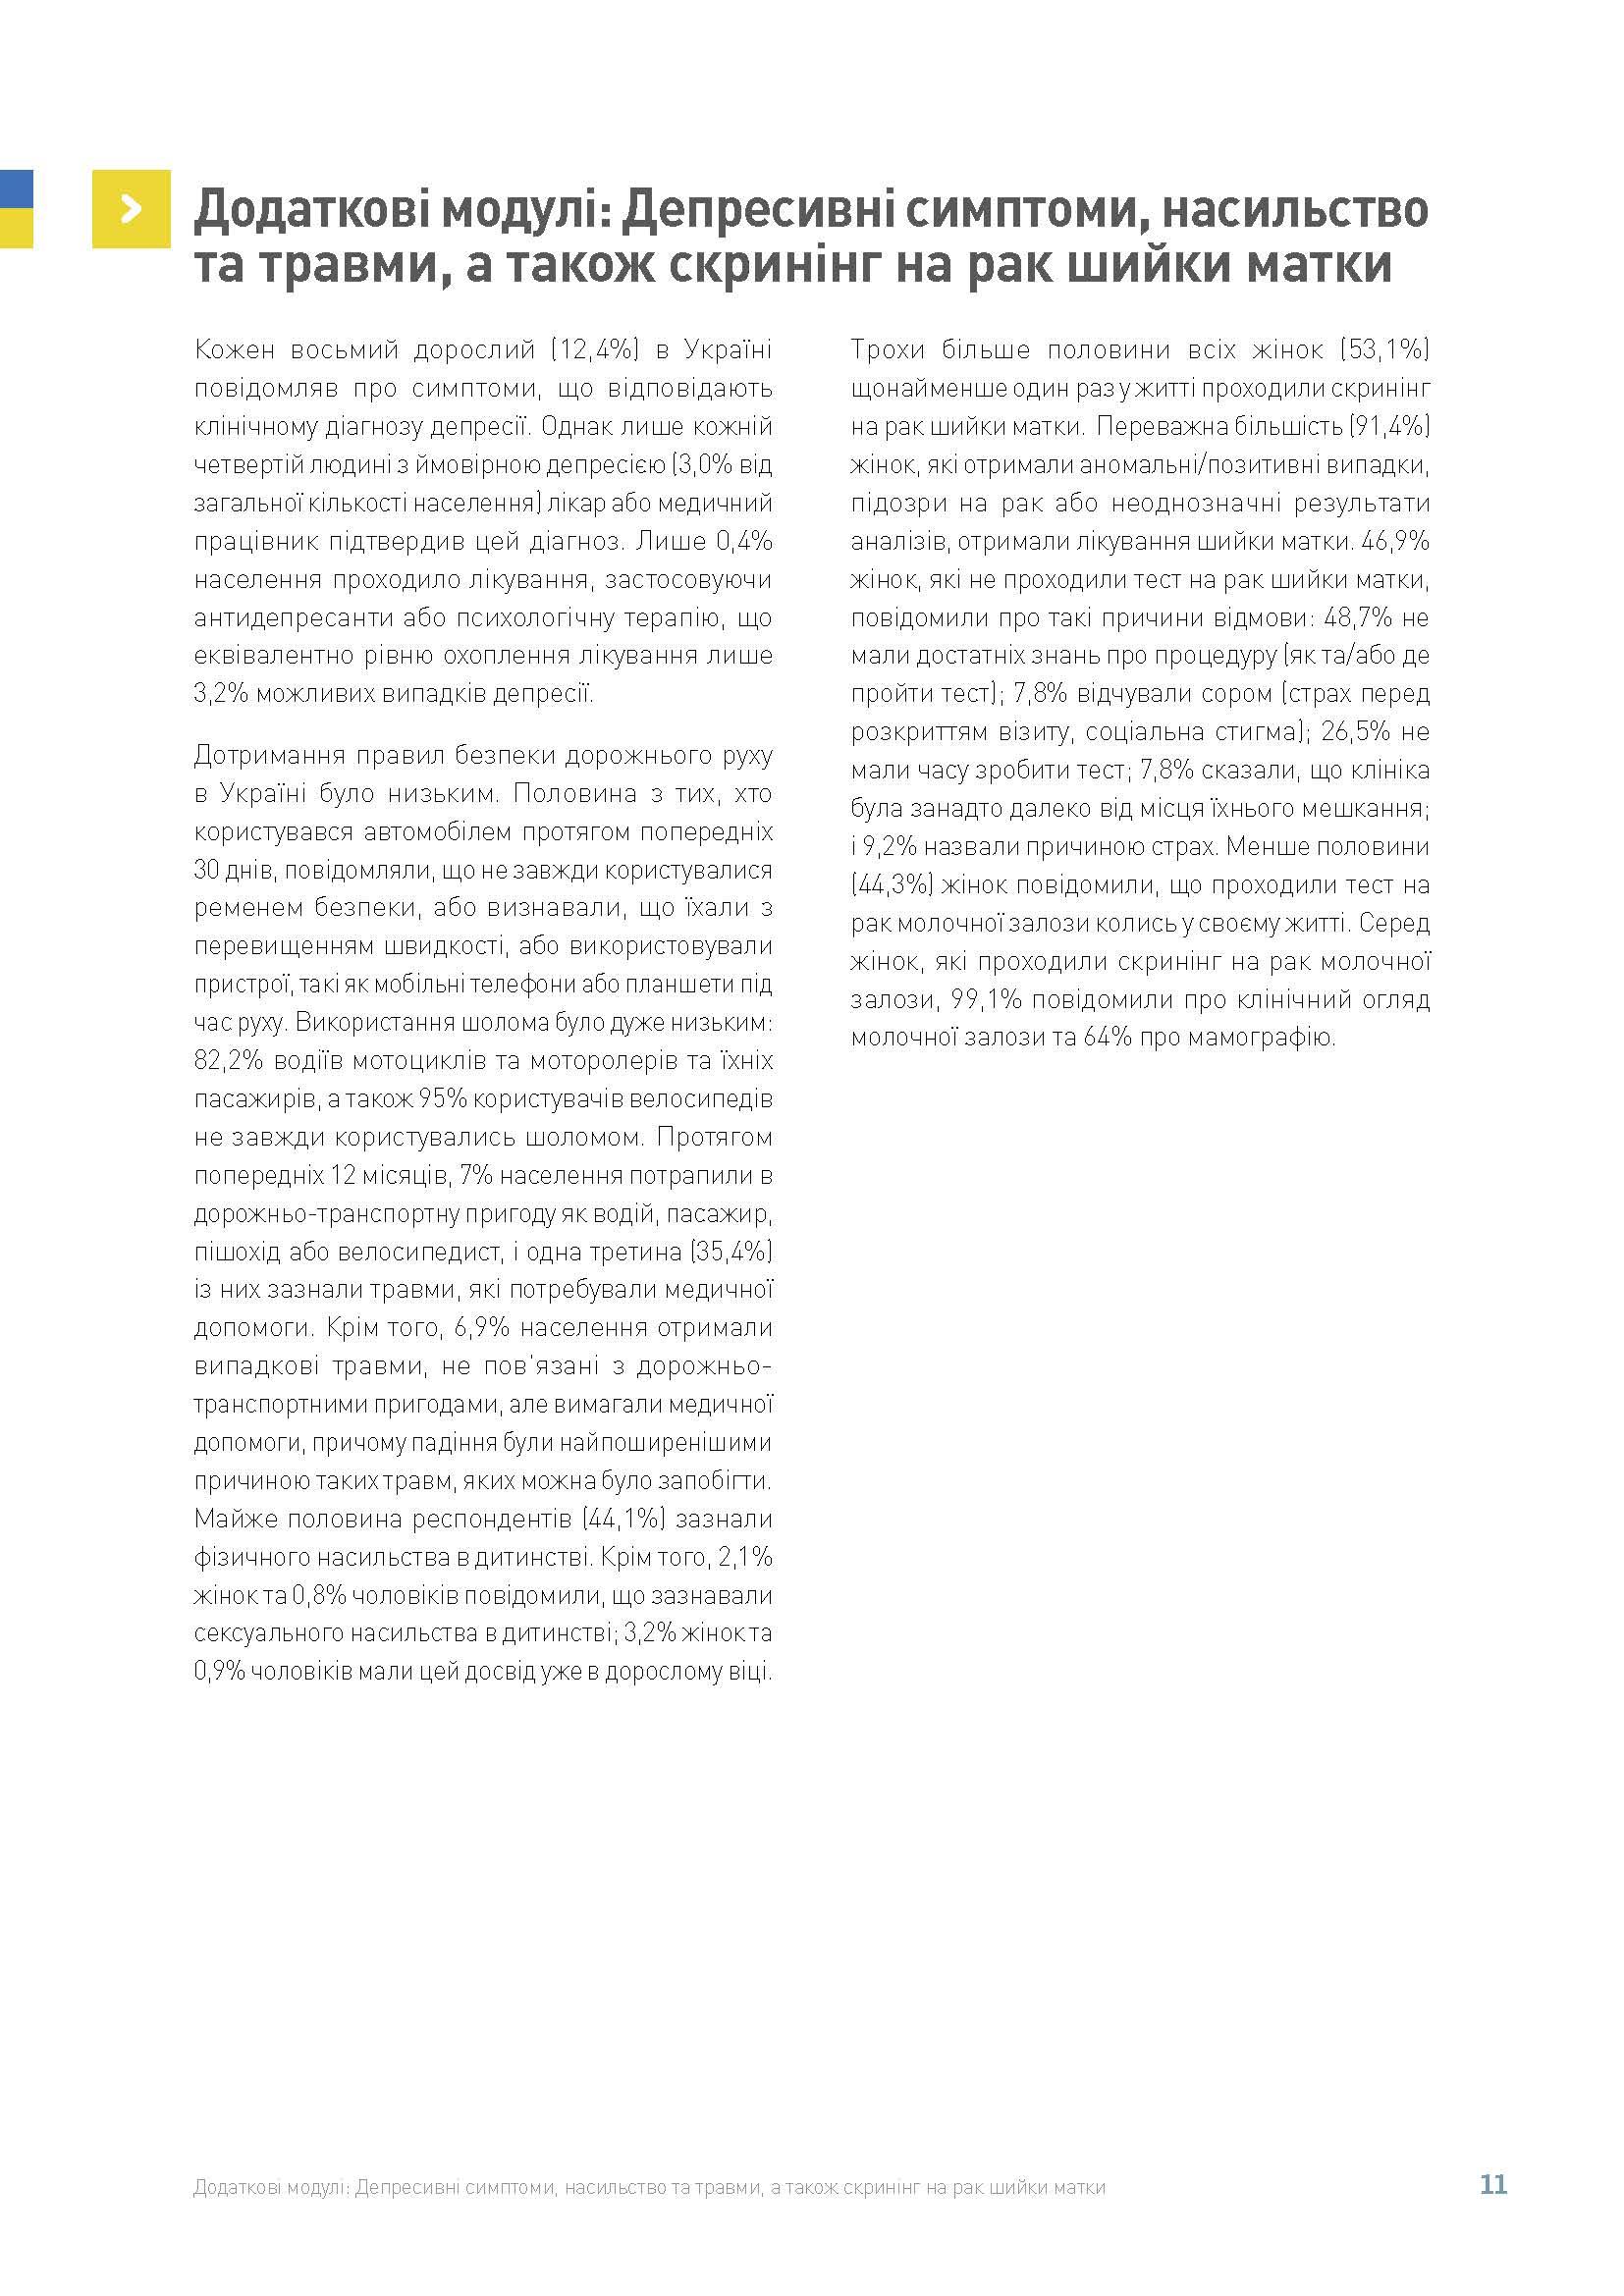 STEPS_Report_Summary_ukr_Страница_11